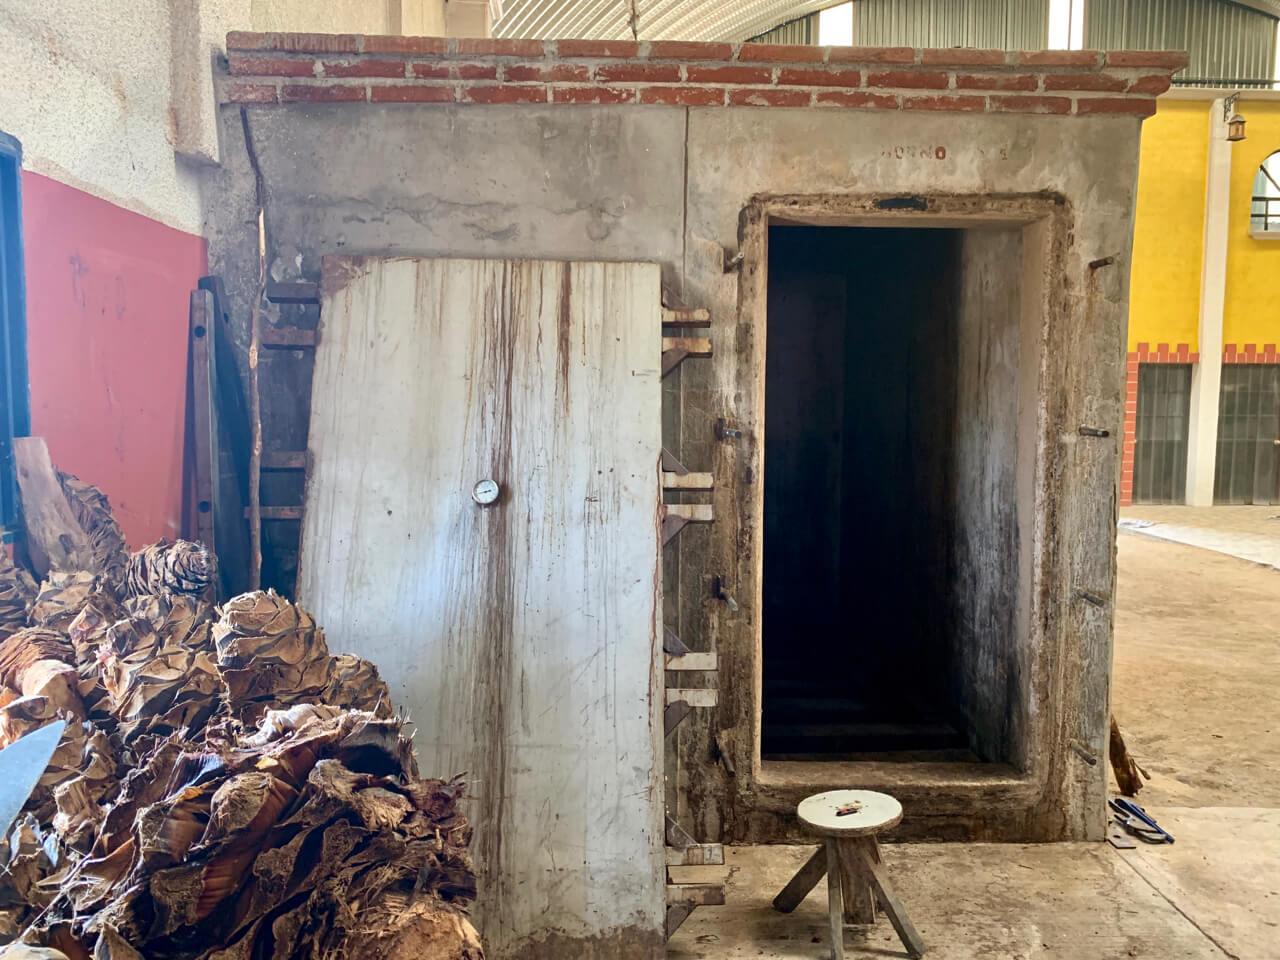 Viejo Indecente steam oven